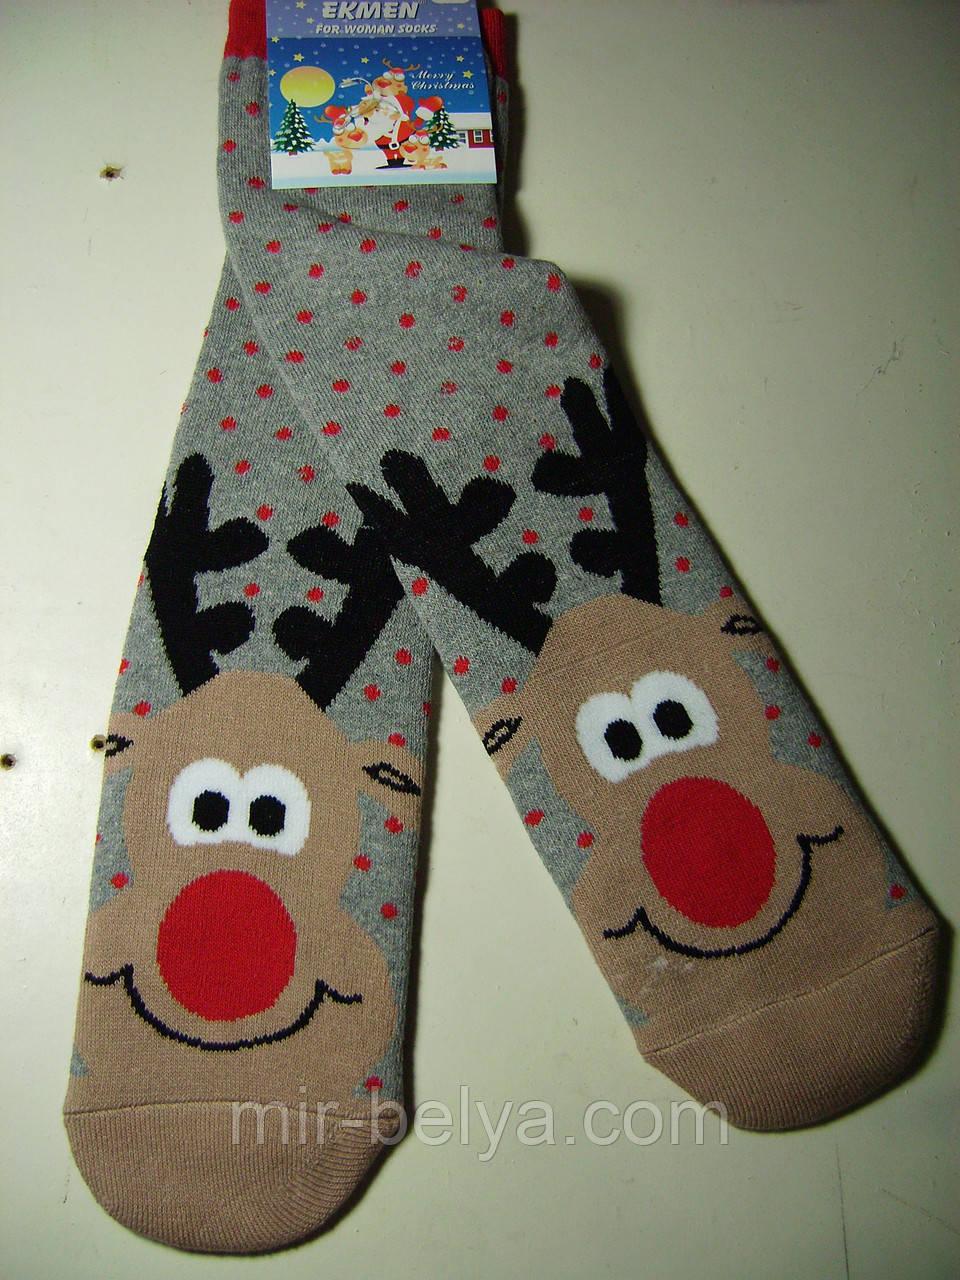 Женские новогодние носки EKMEN высокие